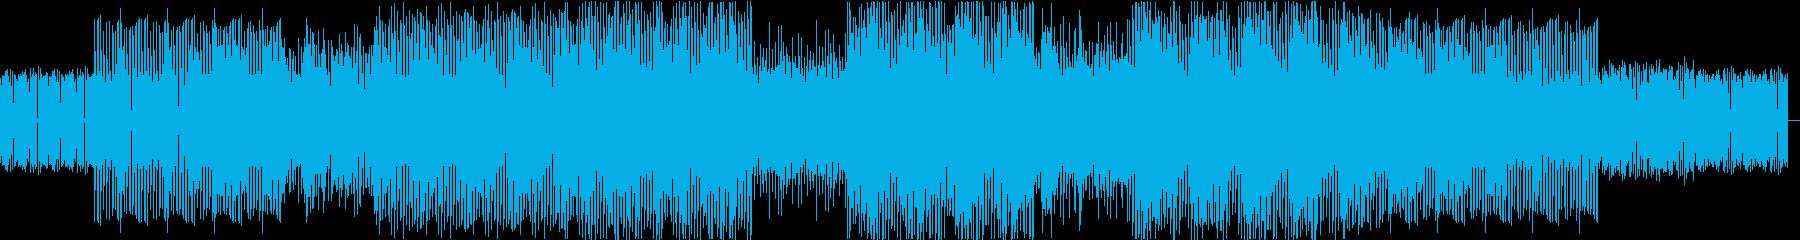 ダンサブルでファンキー、ジャズBGMの再生済みの波形